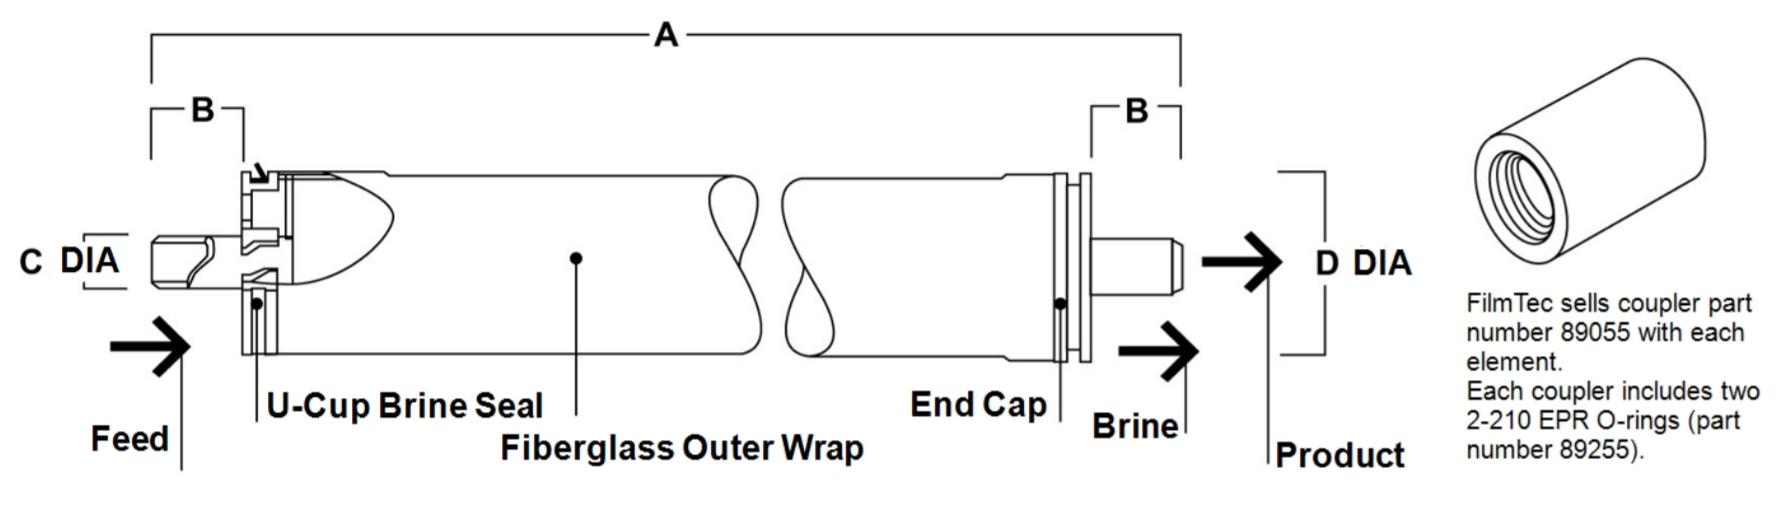 اندازه های فیزیکی ممبران FilmTec™ SW30-4040